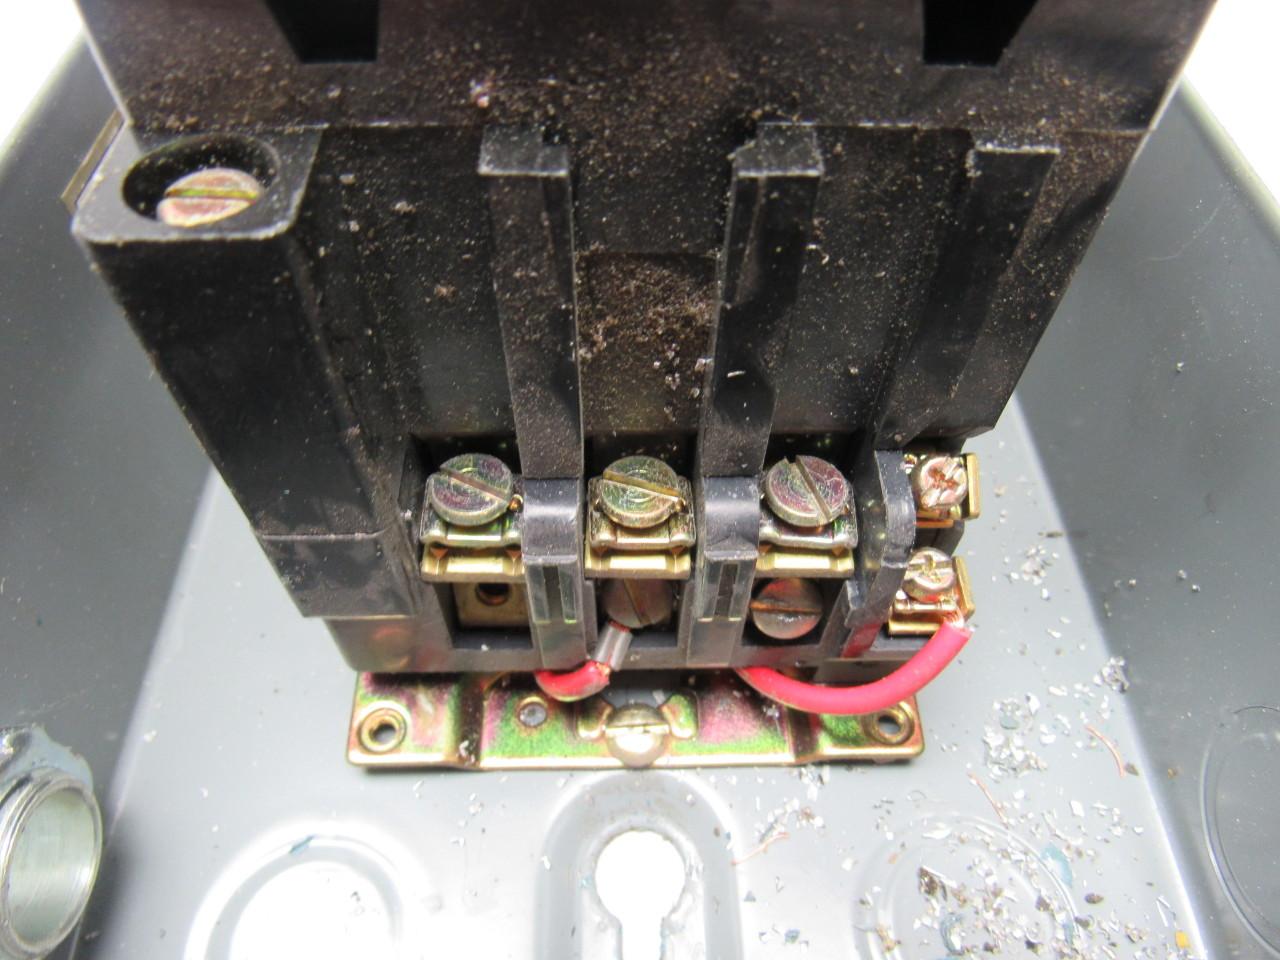 Square d 8536scg3 motor starter 240v nema size 1 w 30072 for Square d motor starter sizing chart